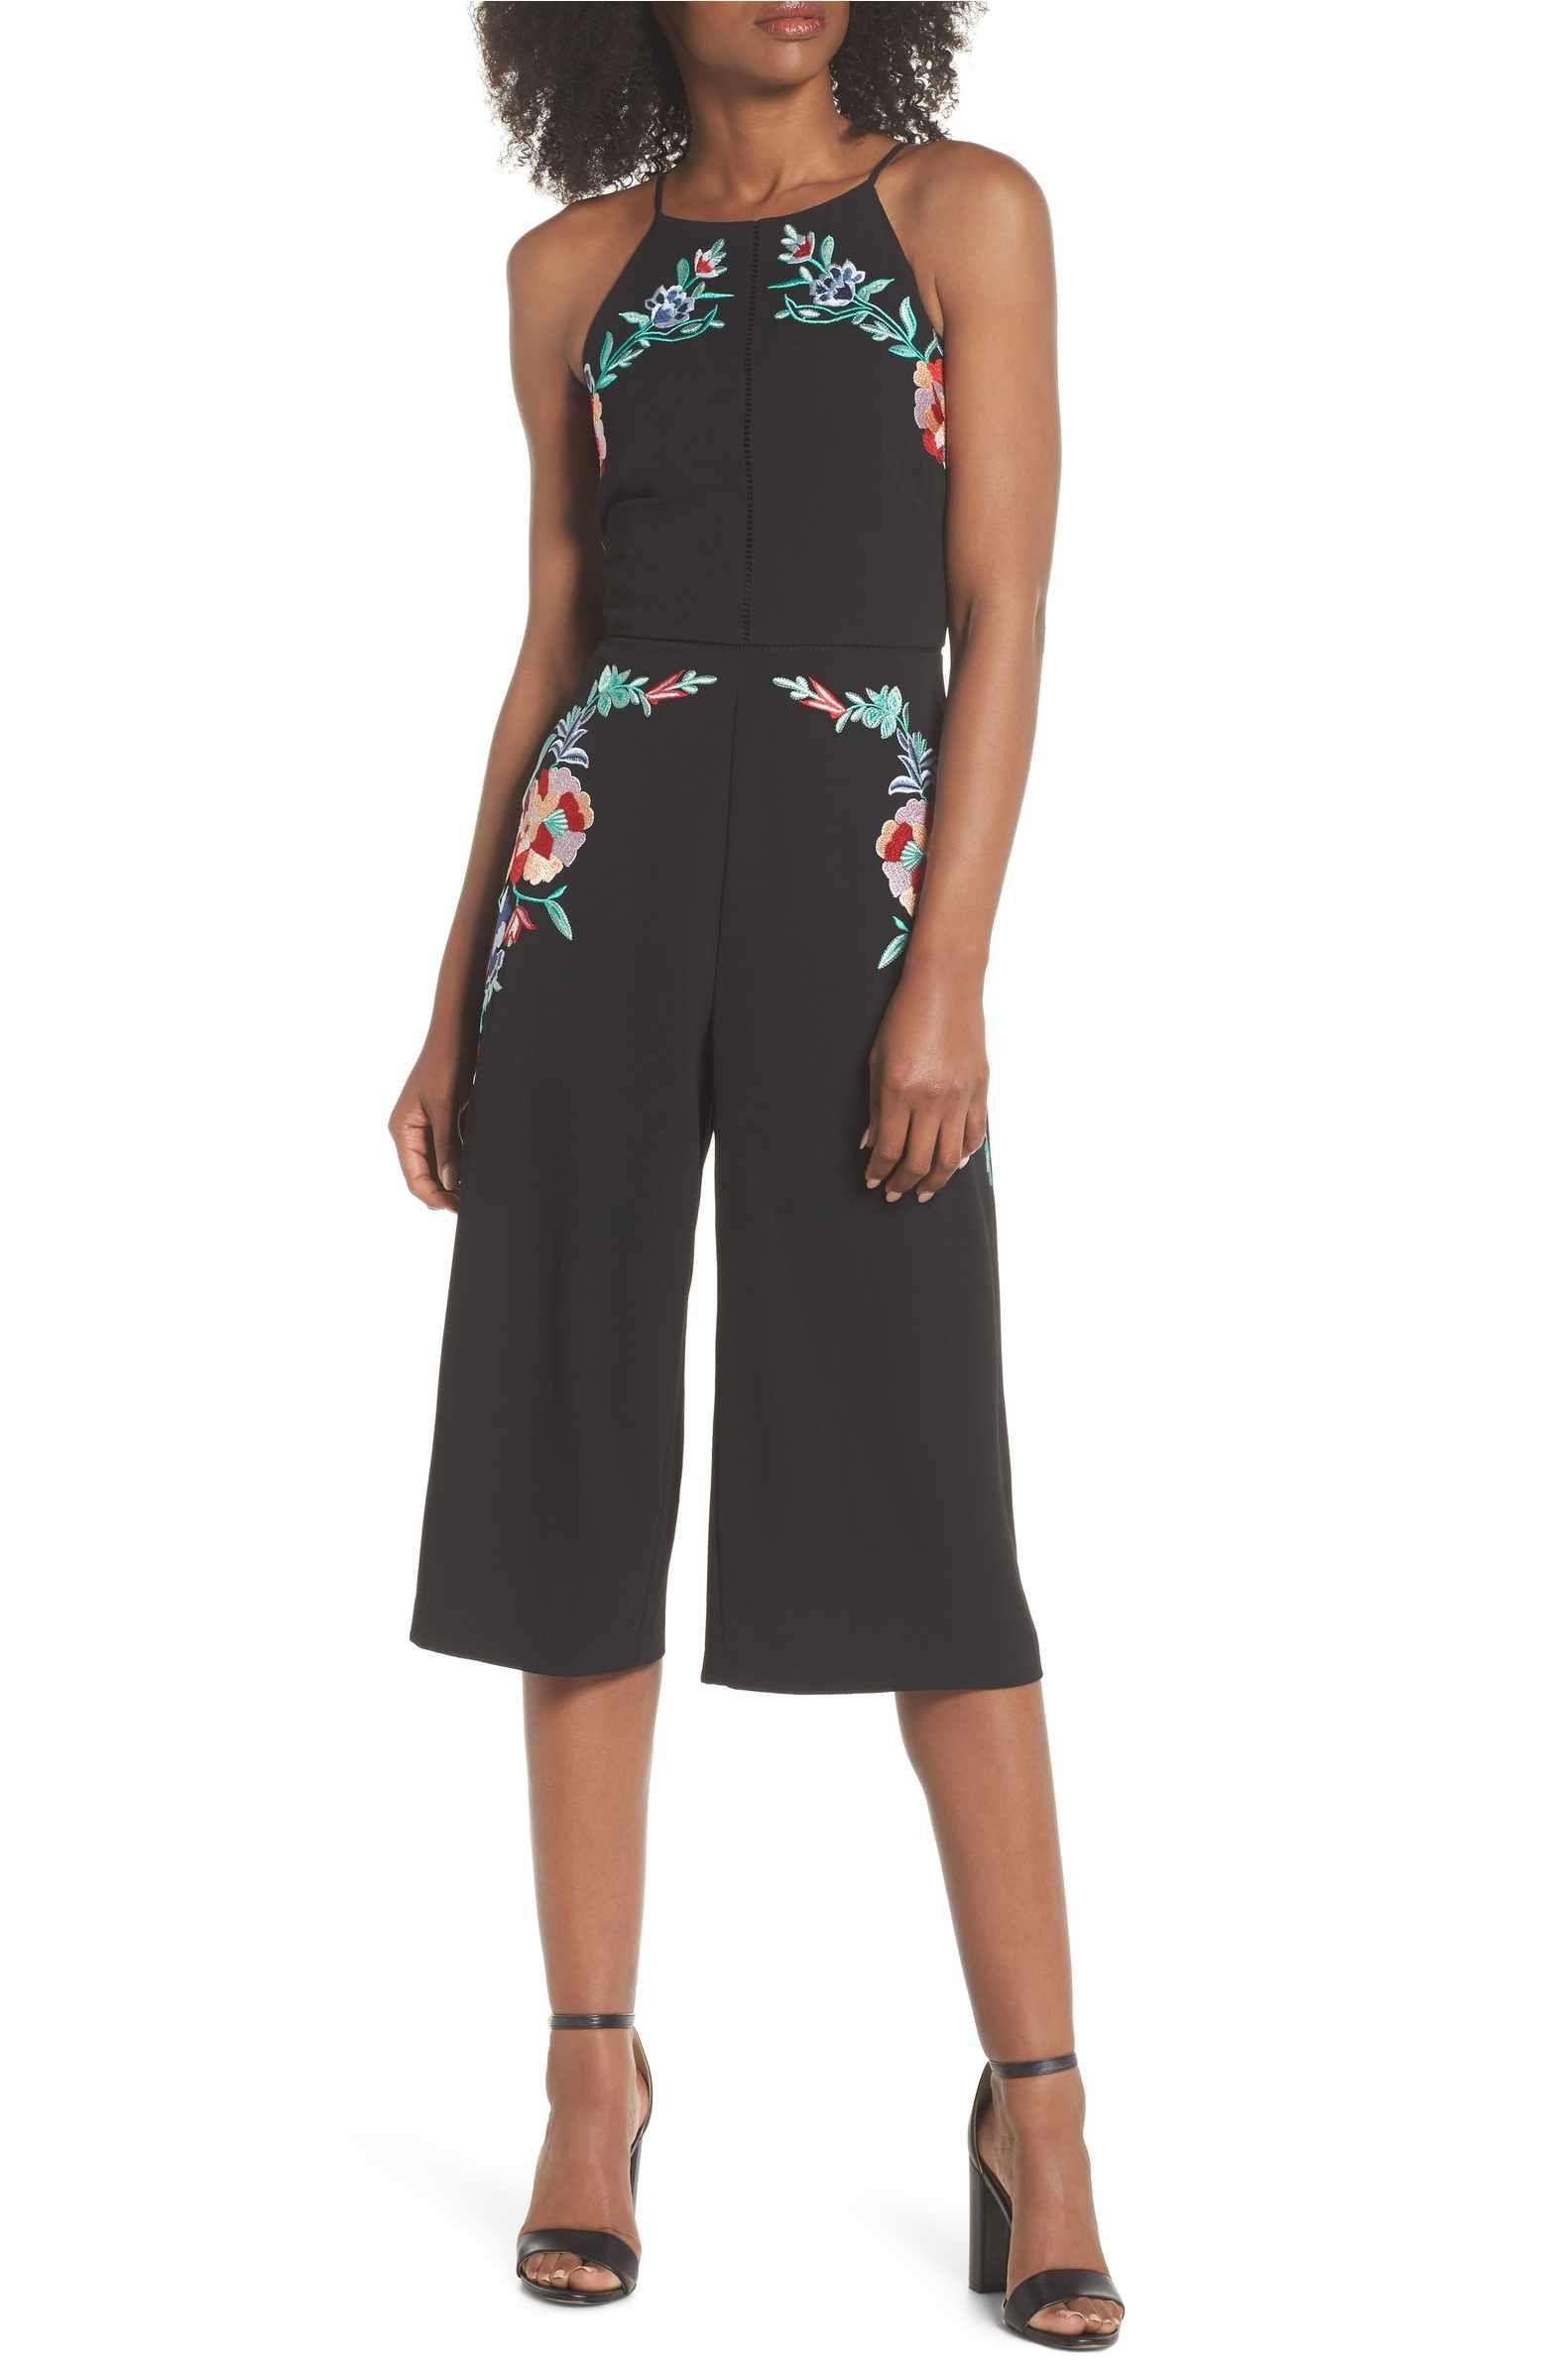 aeb50c1e3b5 Main Image - Adelyn Rae Veola Embroidered Jumpsuit